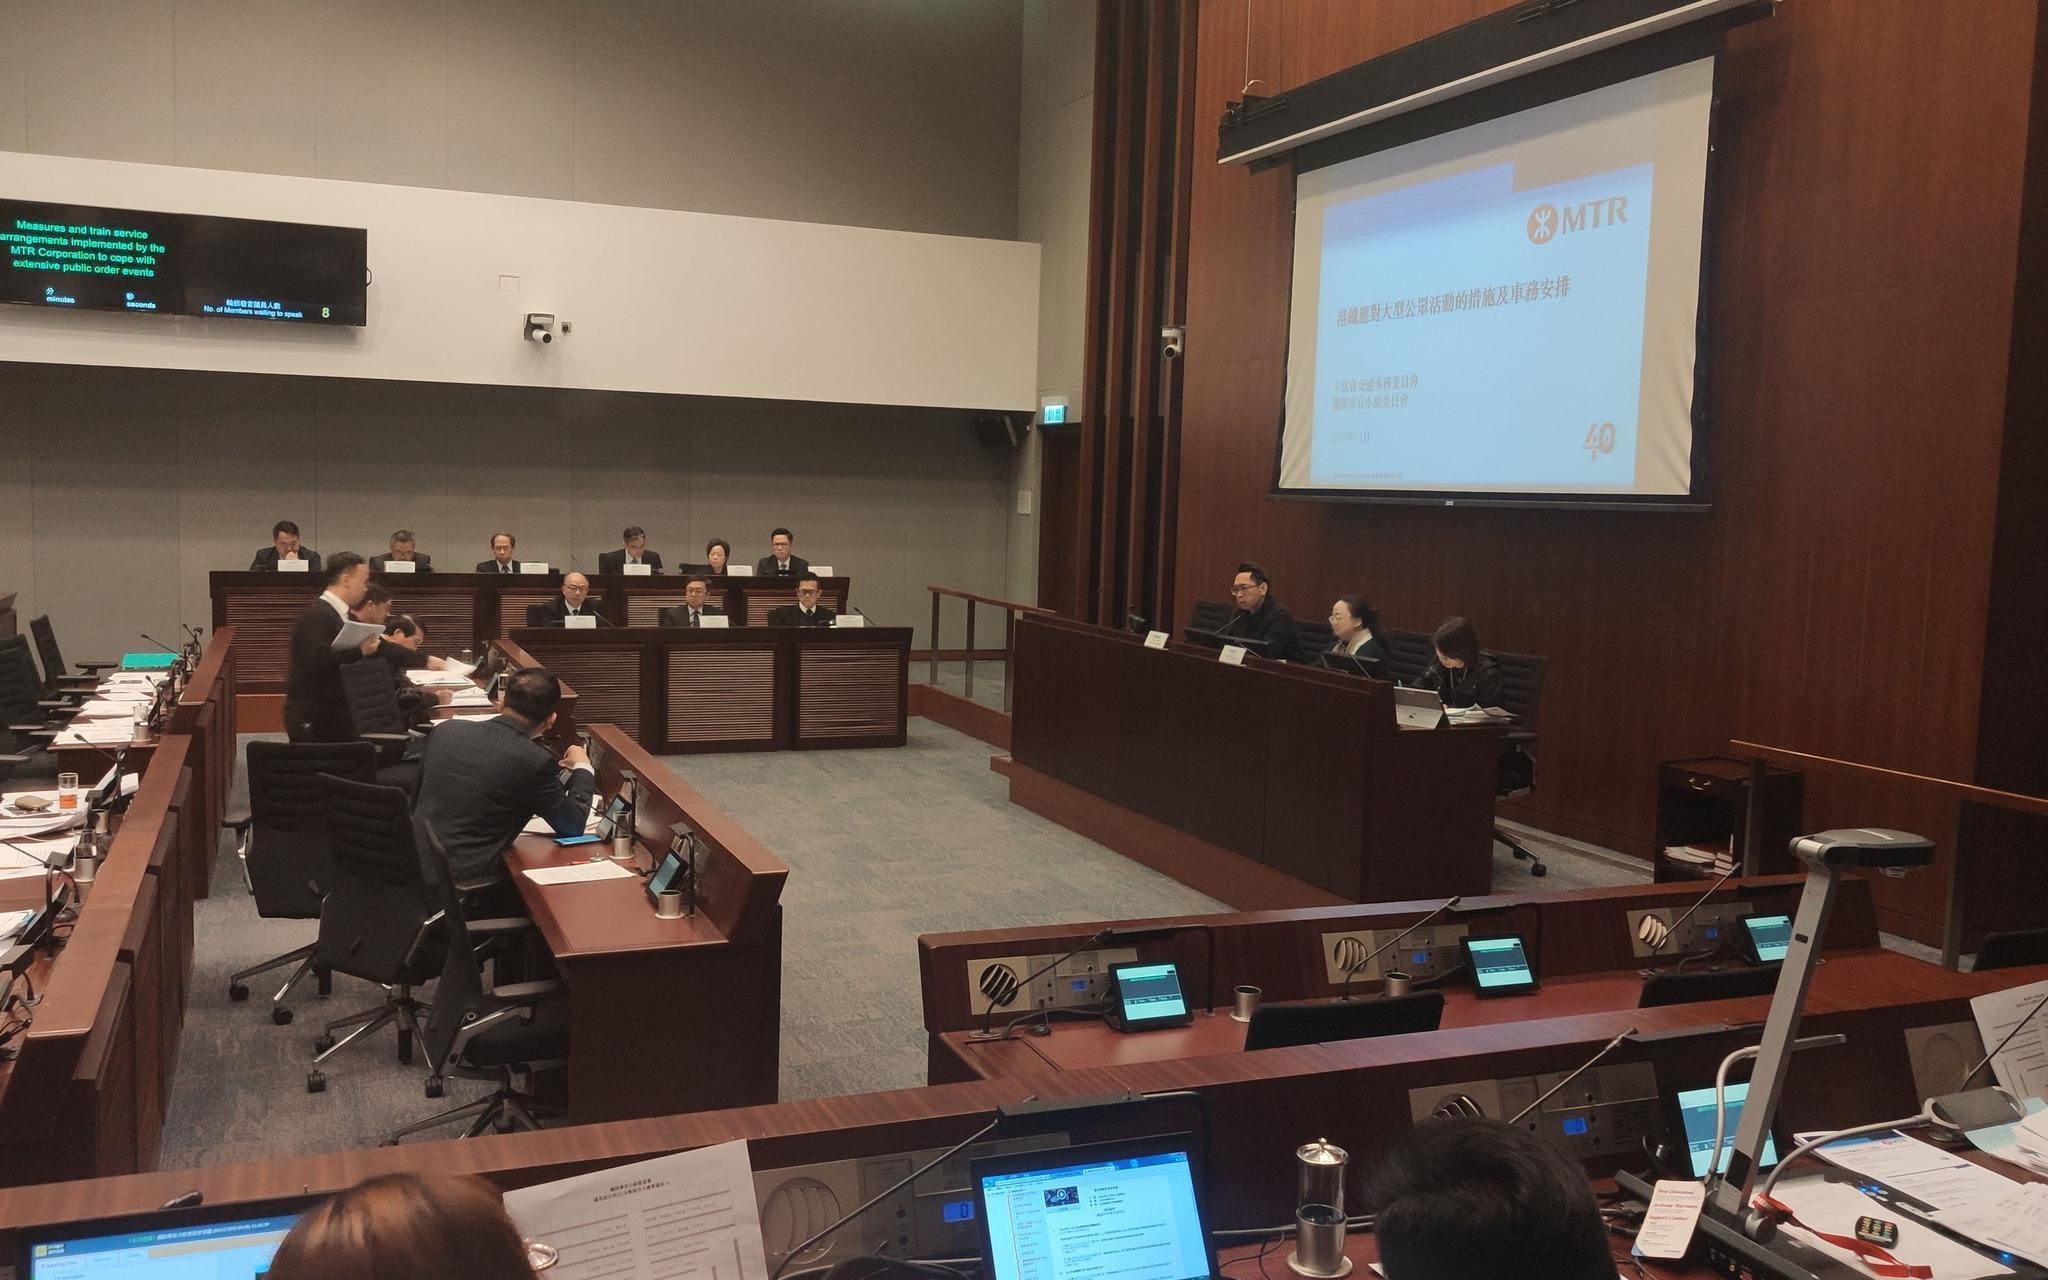 12月6日上午10点,喷鼻港立法会铁路事宜小组委员会召休会议。新京报特派喷鼻港报导组